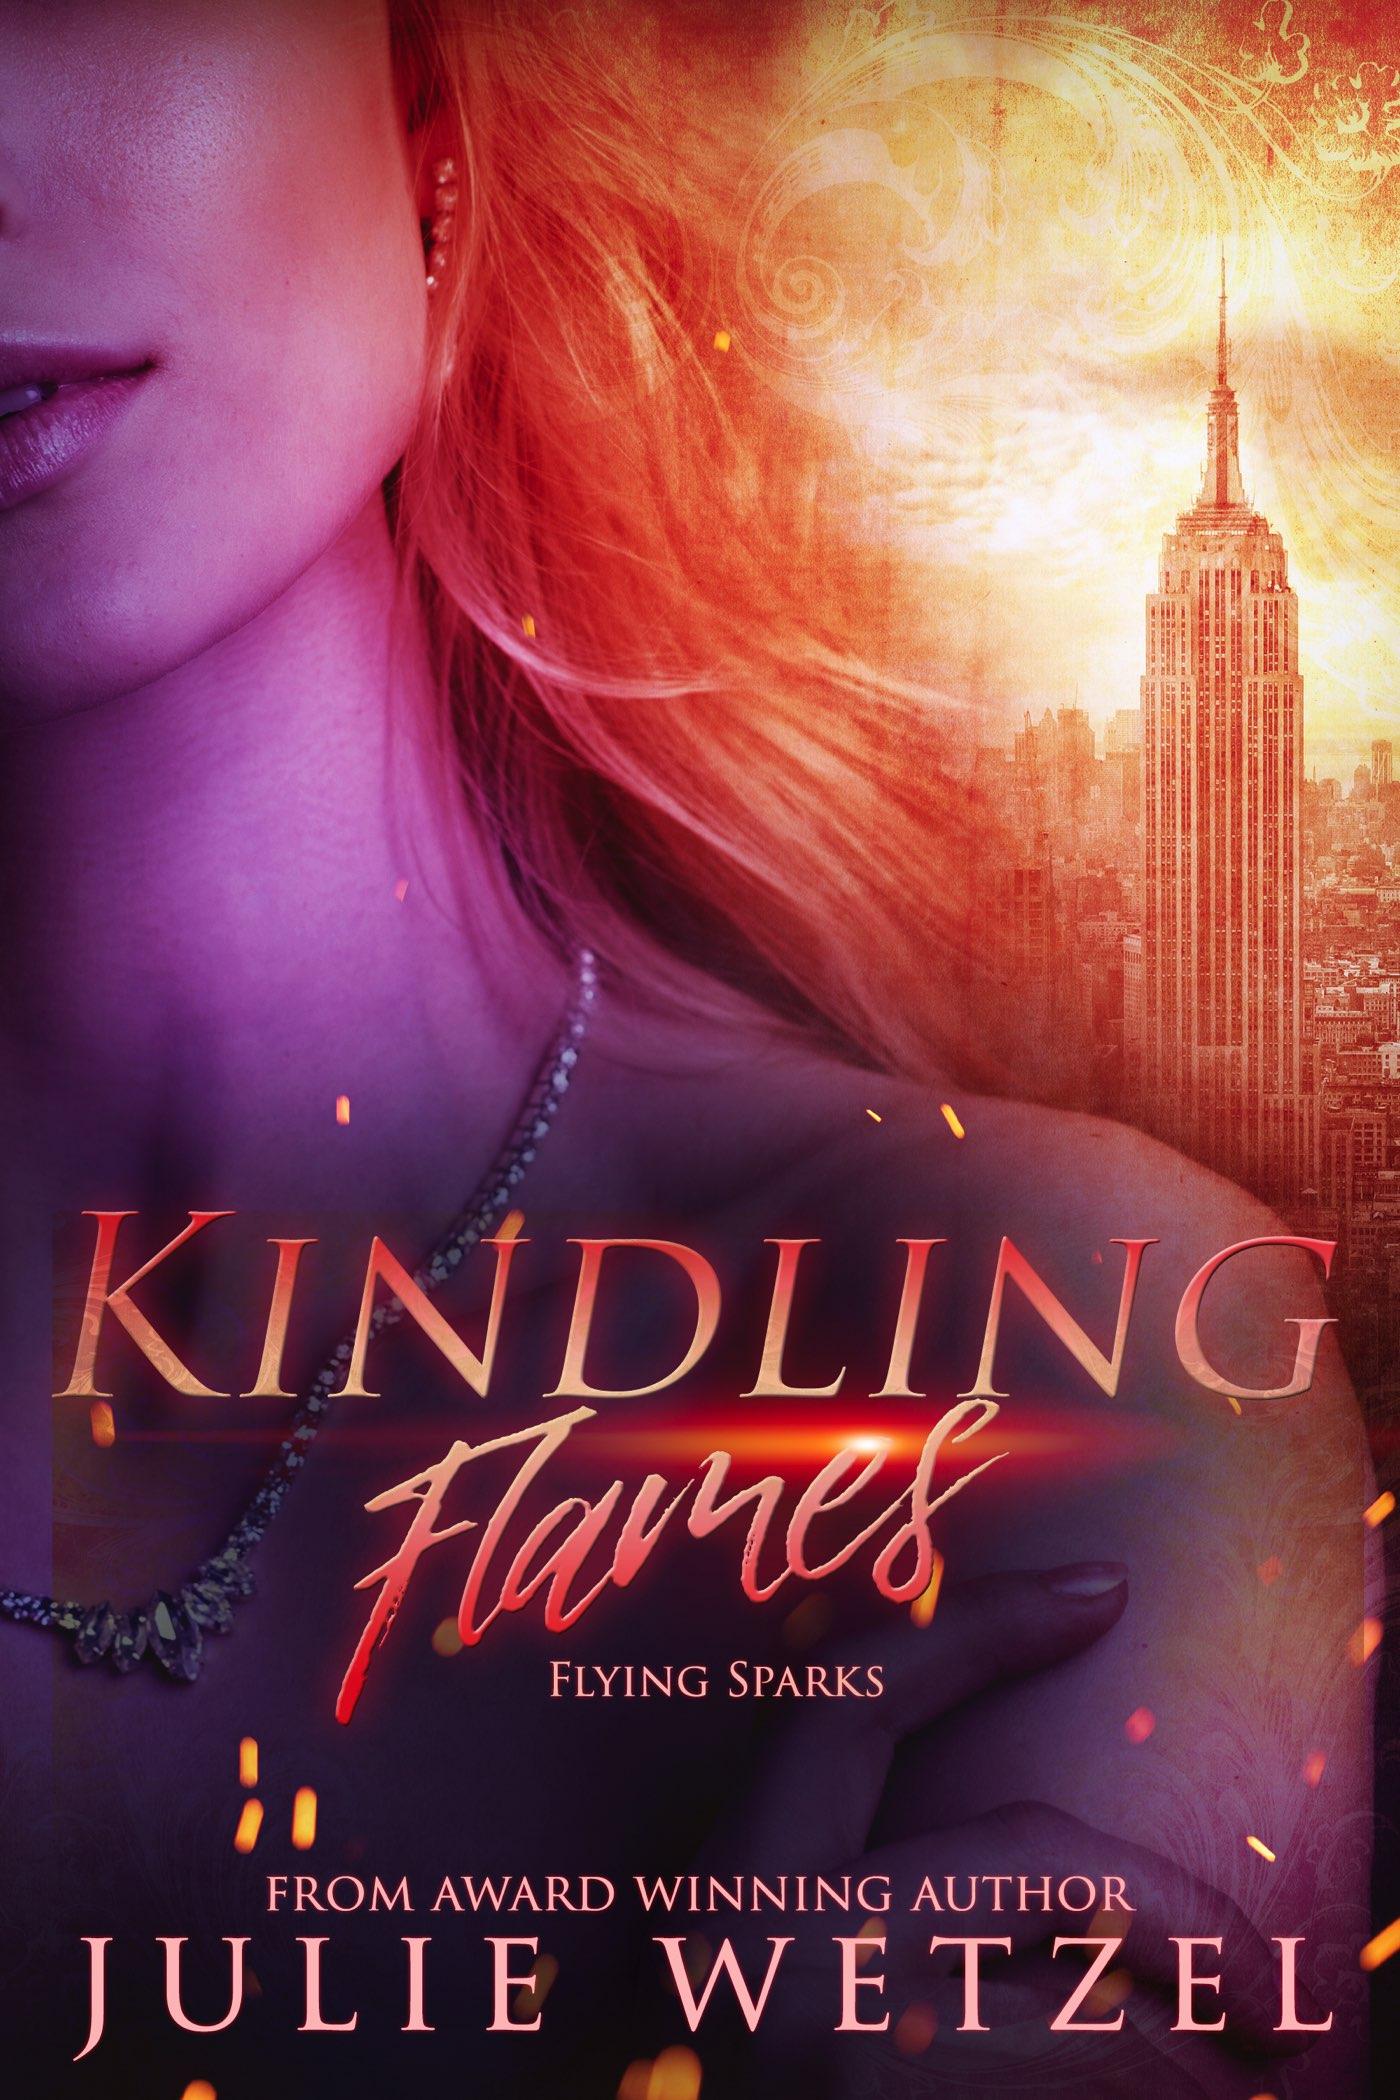 Smashwords kindling flamesflying sparks a book by julie wetzel kindling flamesflying sparks fandeluxe Images